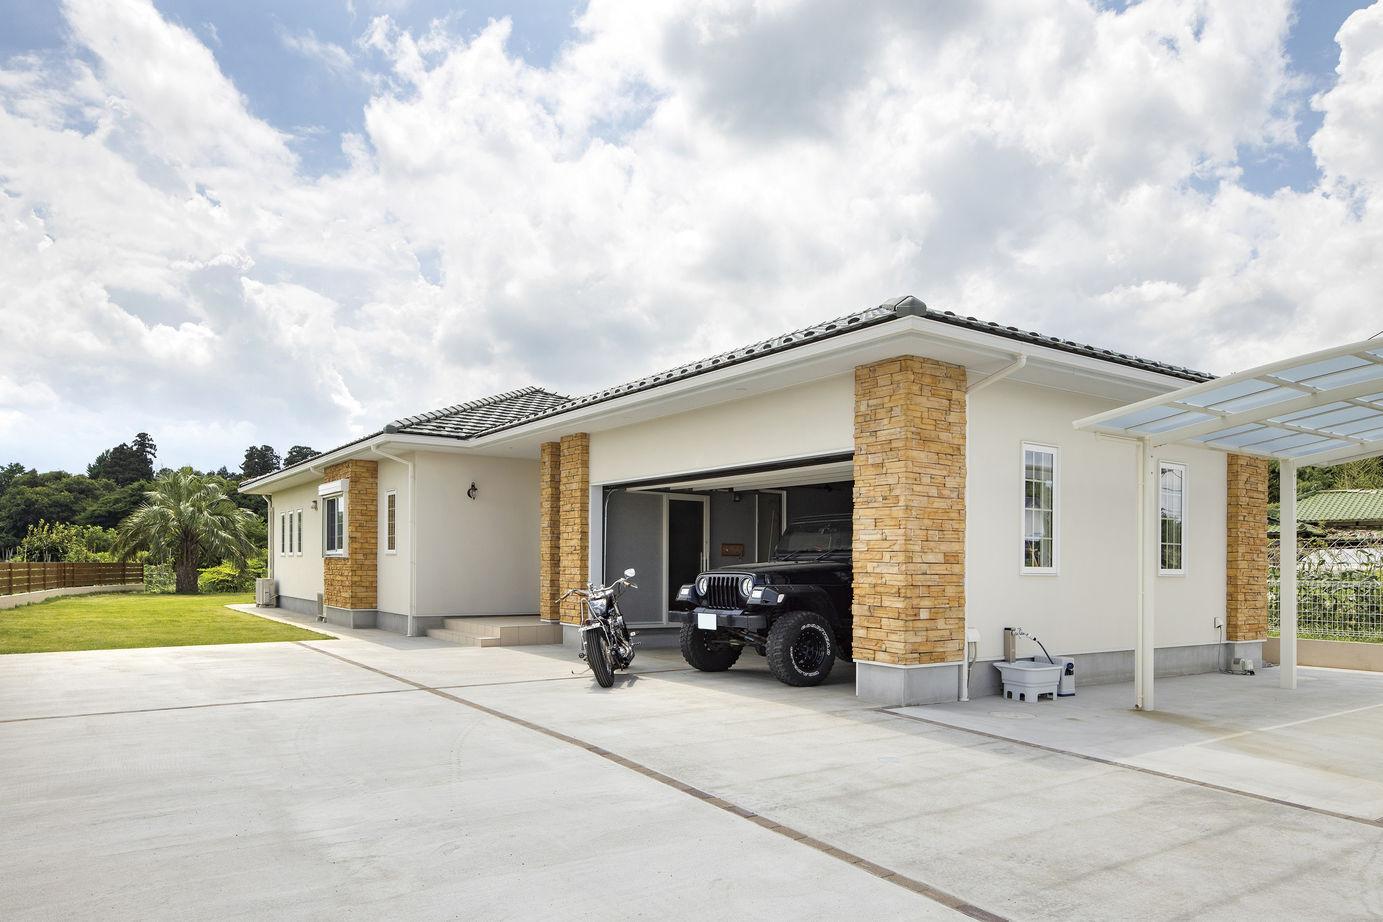 広大な土地を利用したアメリカンスタイルのガレージハウス